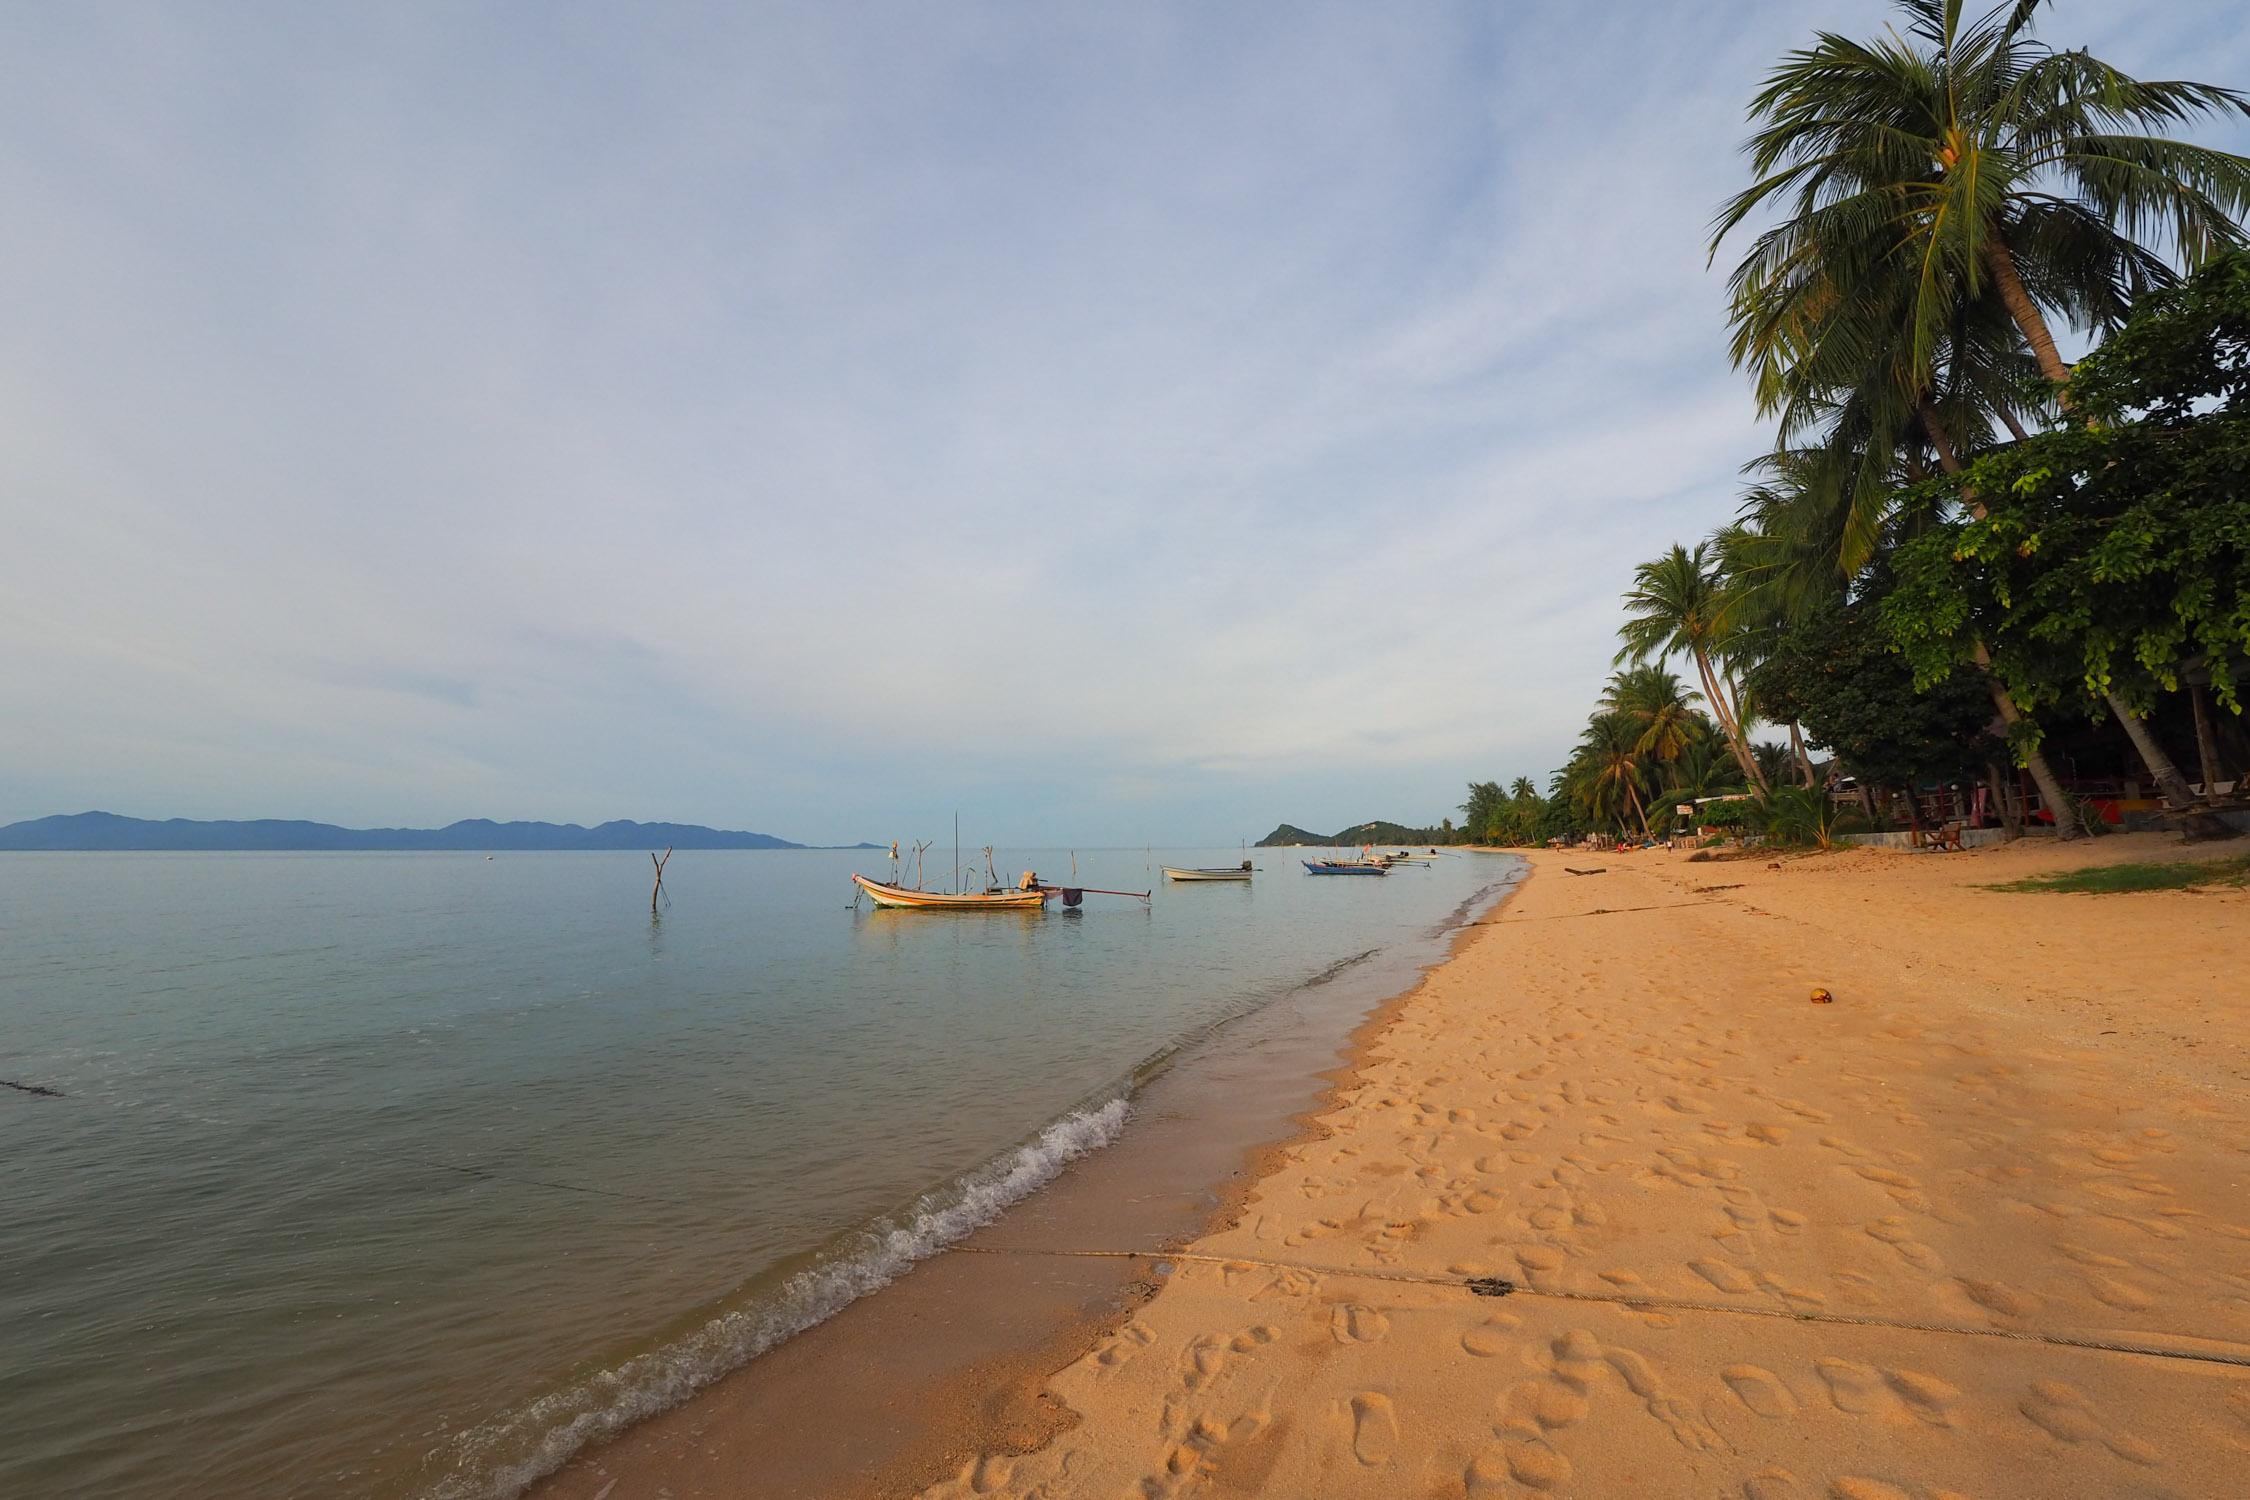 50 จุดเช็คอิน เกาะสมุย เกาะพะงัน เกะเต่า นครศรีดีย์